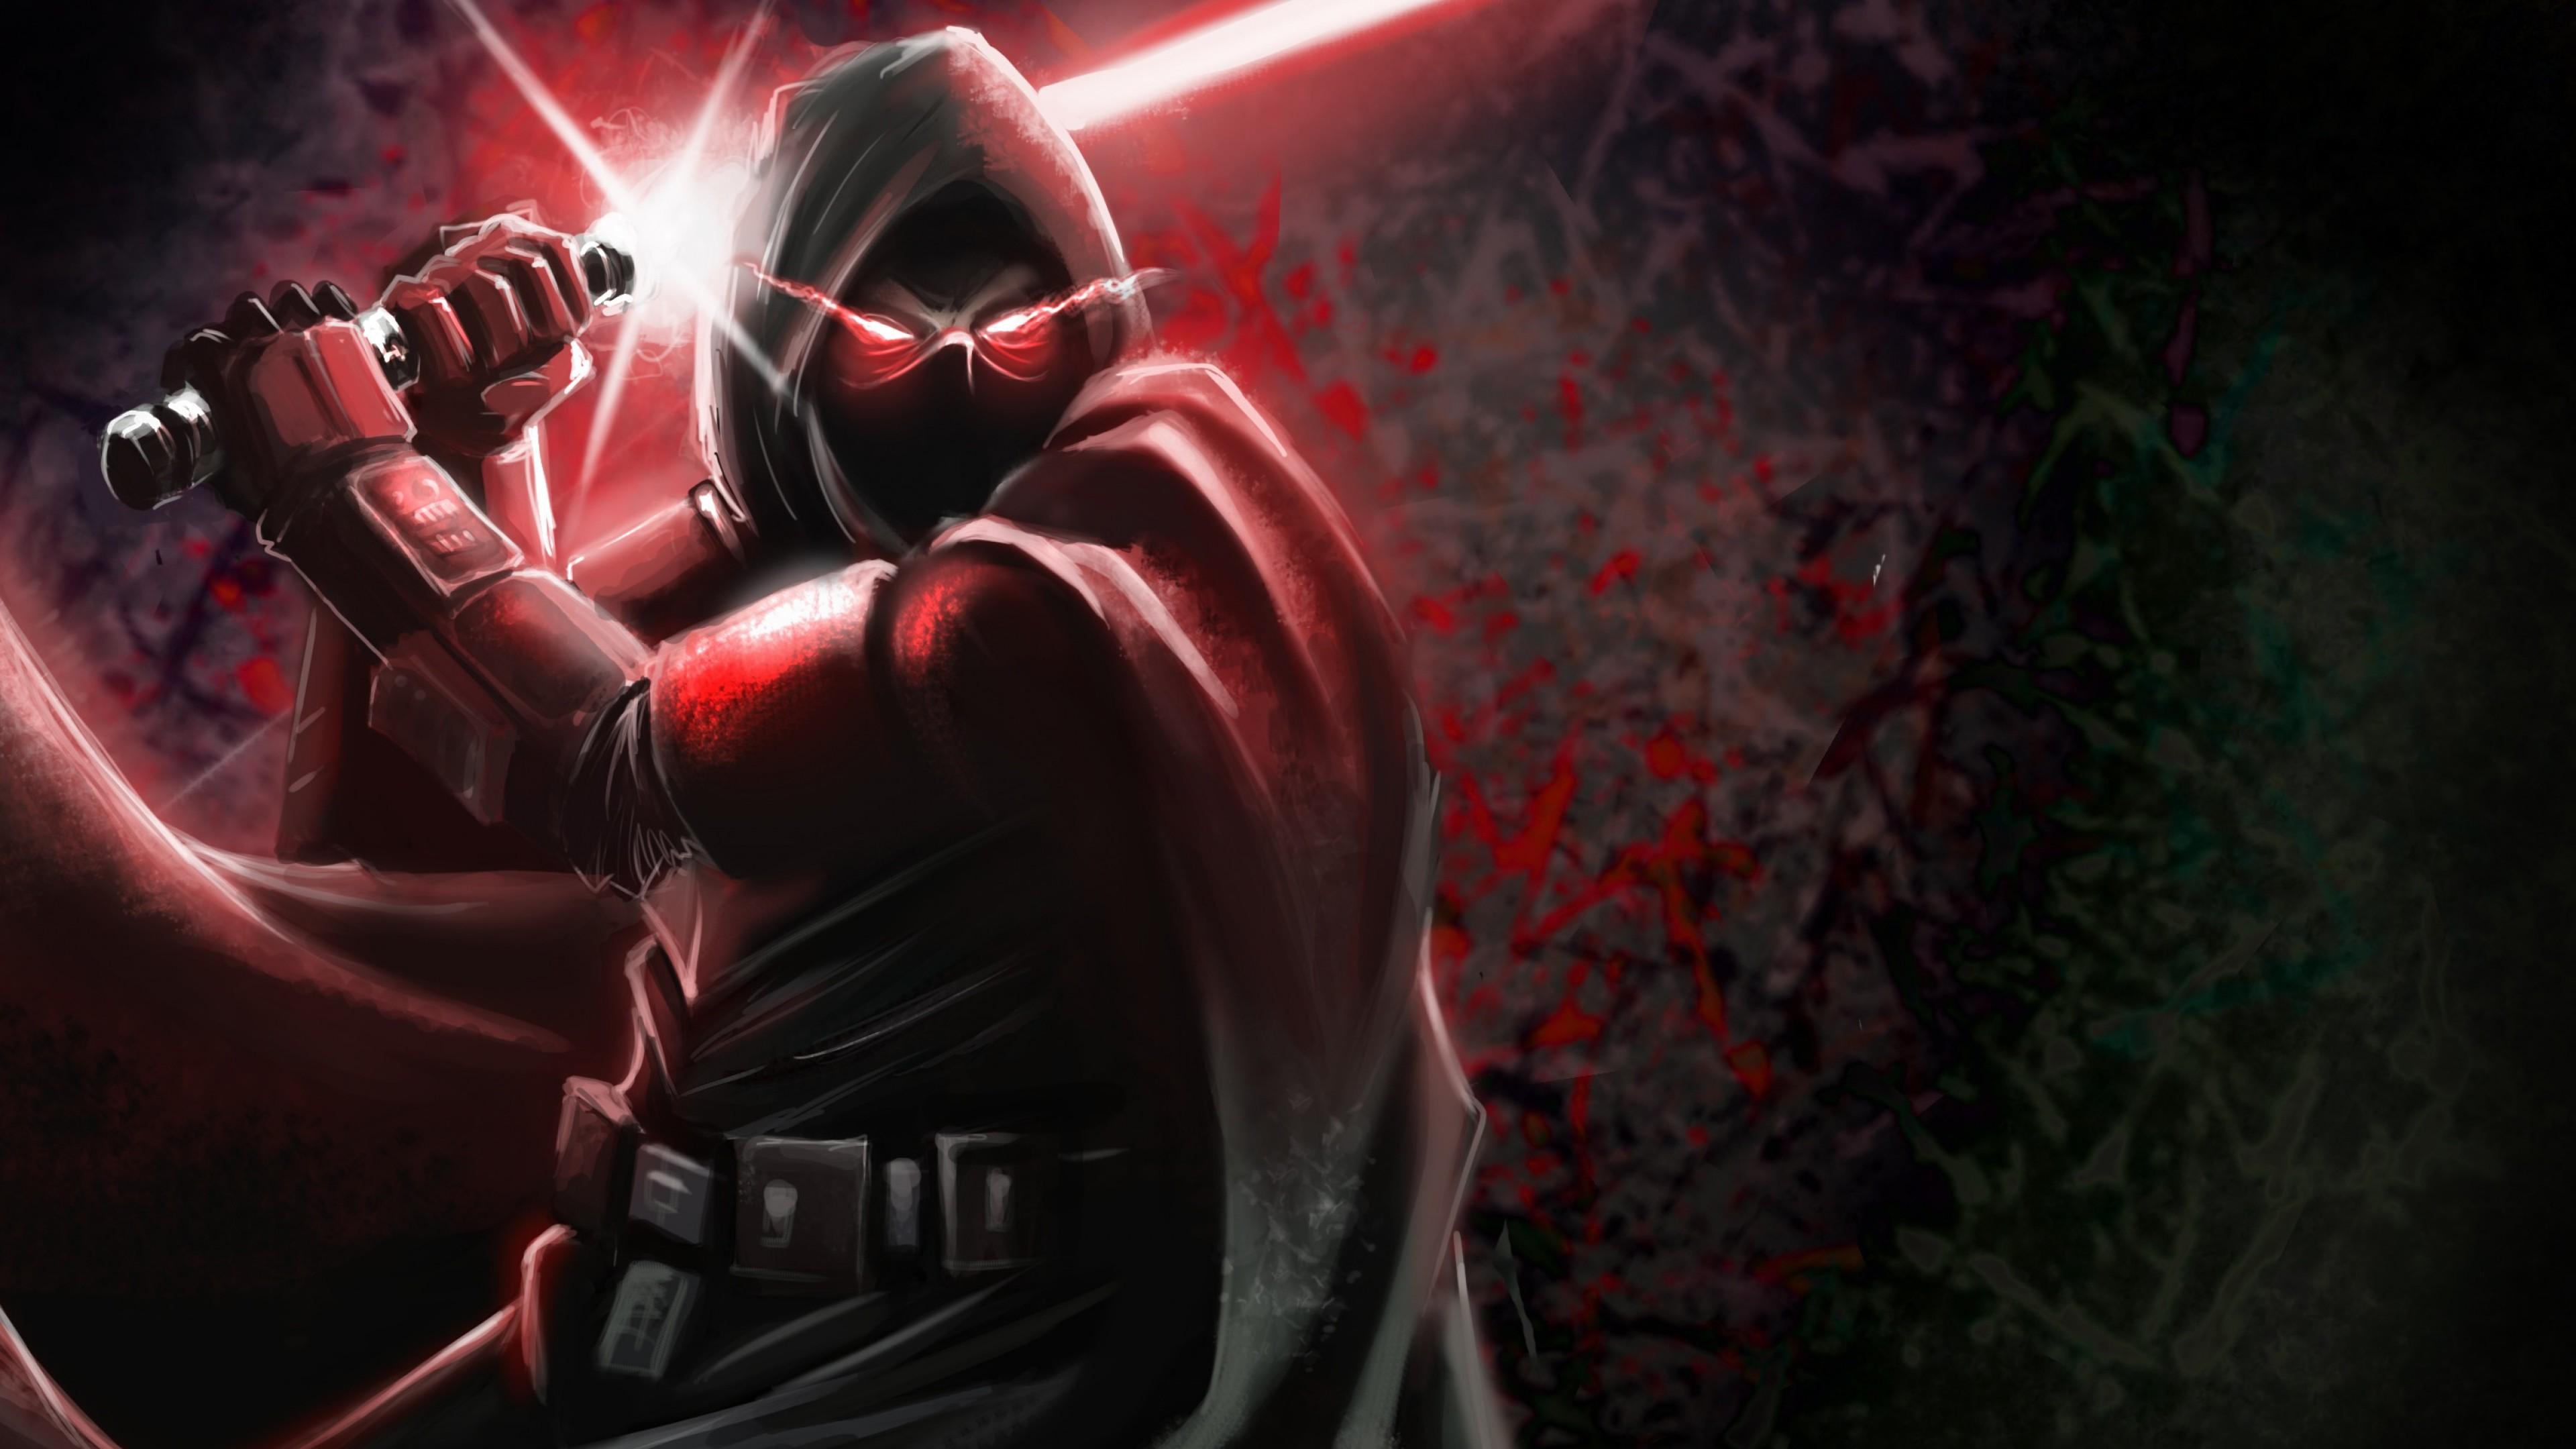 Star Wars 4K Wallpaper (51+ images)